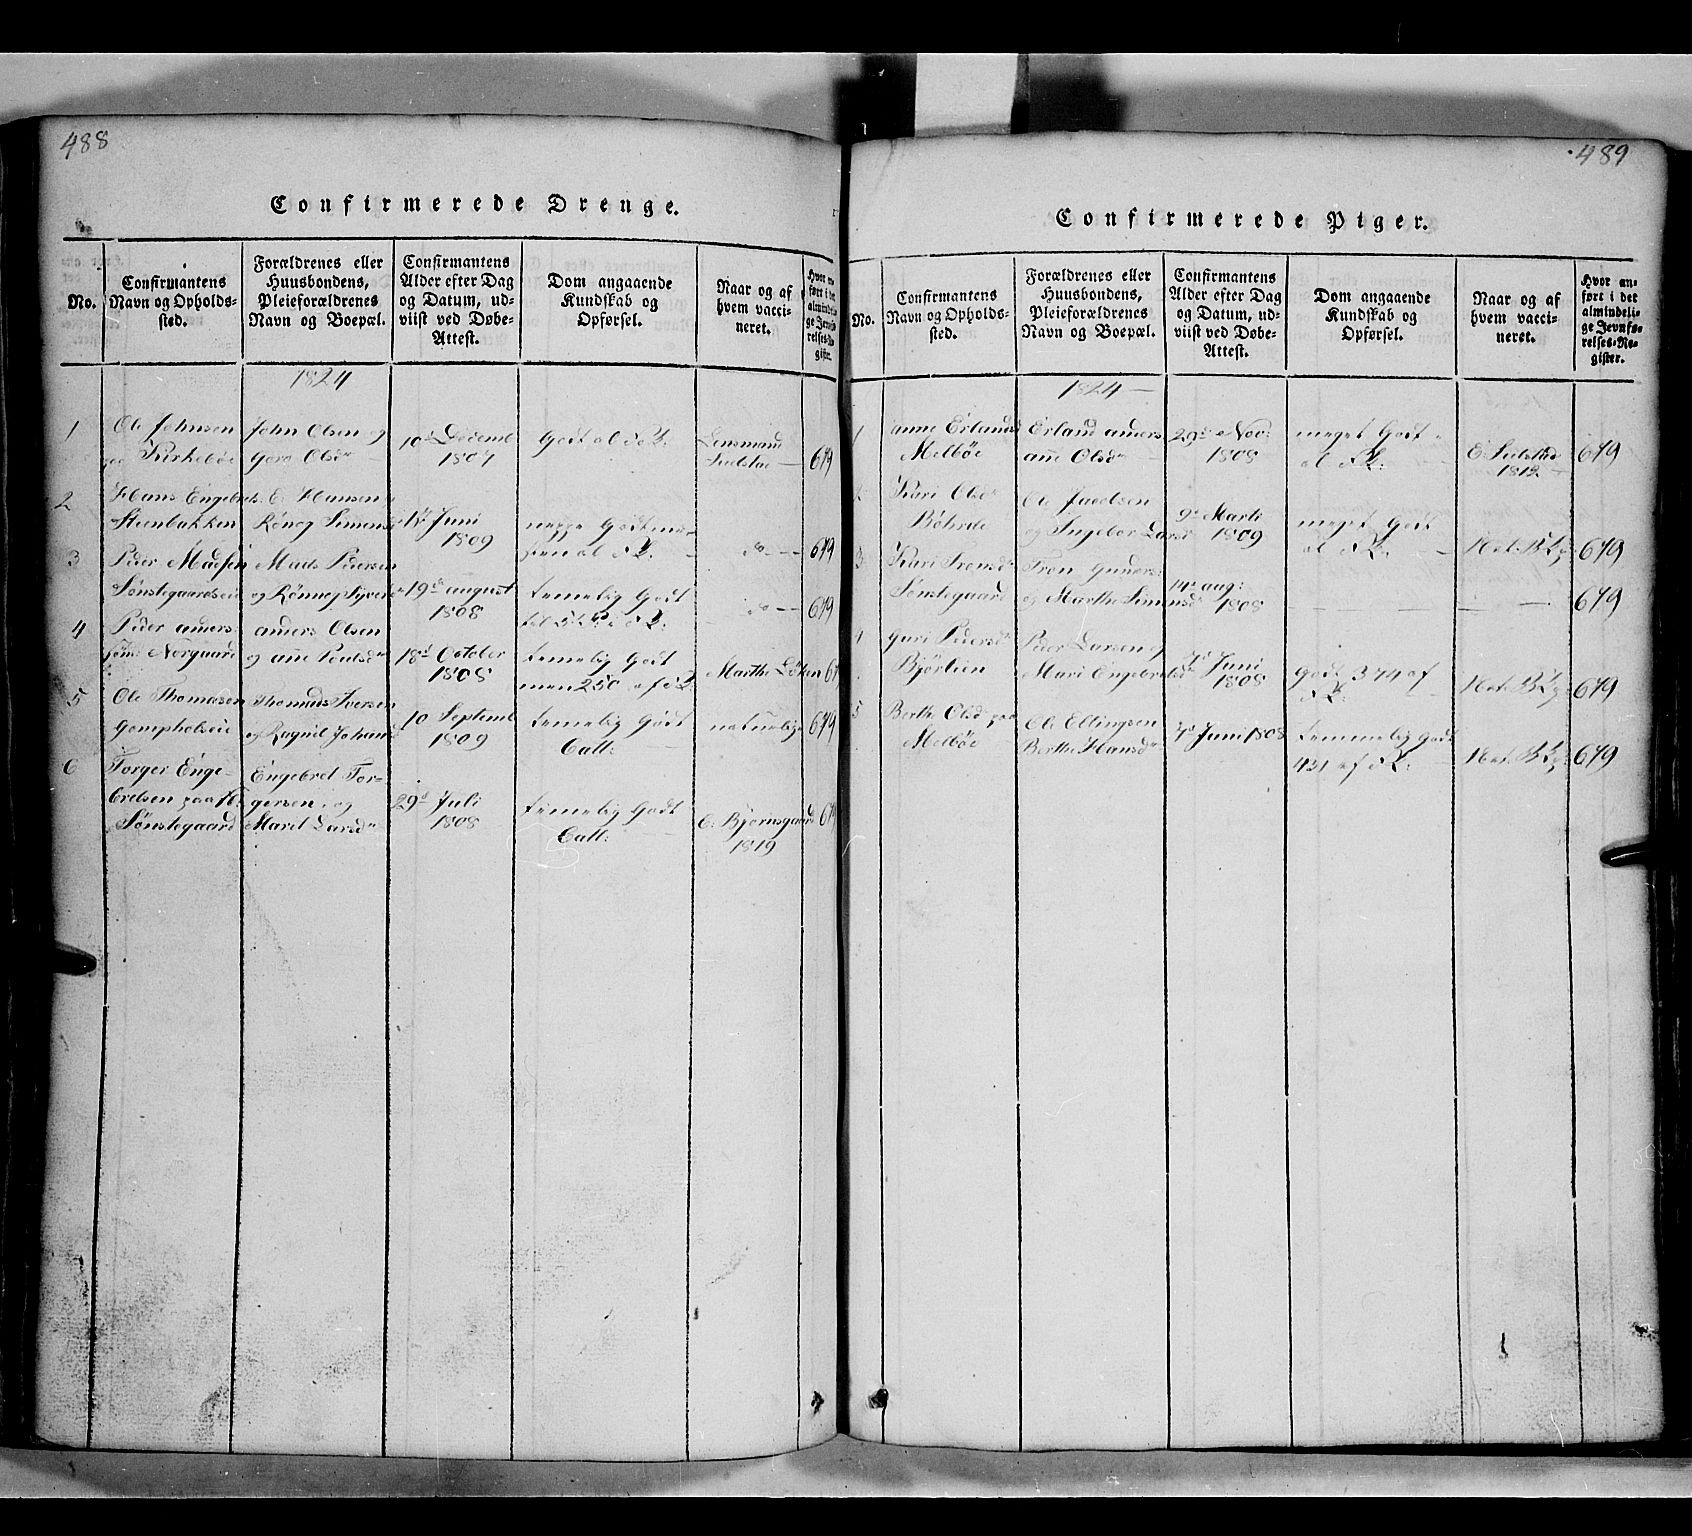 SAH, Gausdal prestekontor, Klokkerbok nr. 2, 1818-1874, s. 488-489